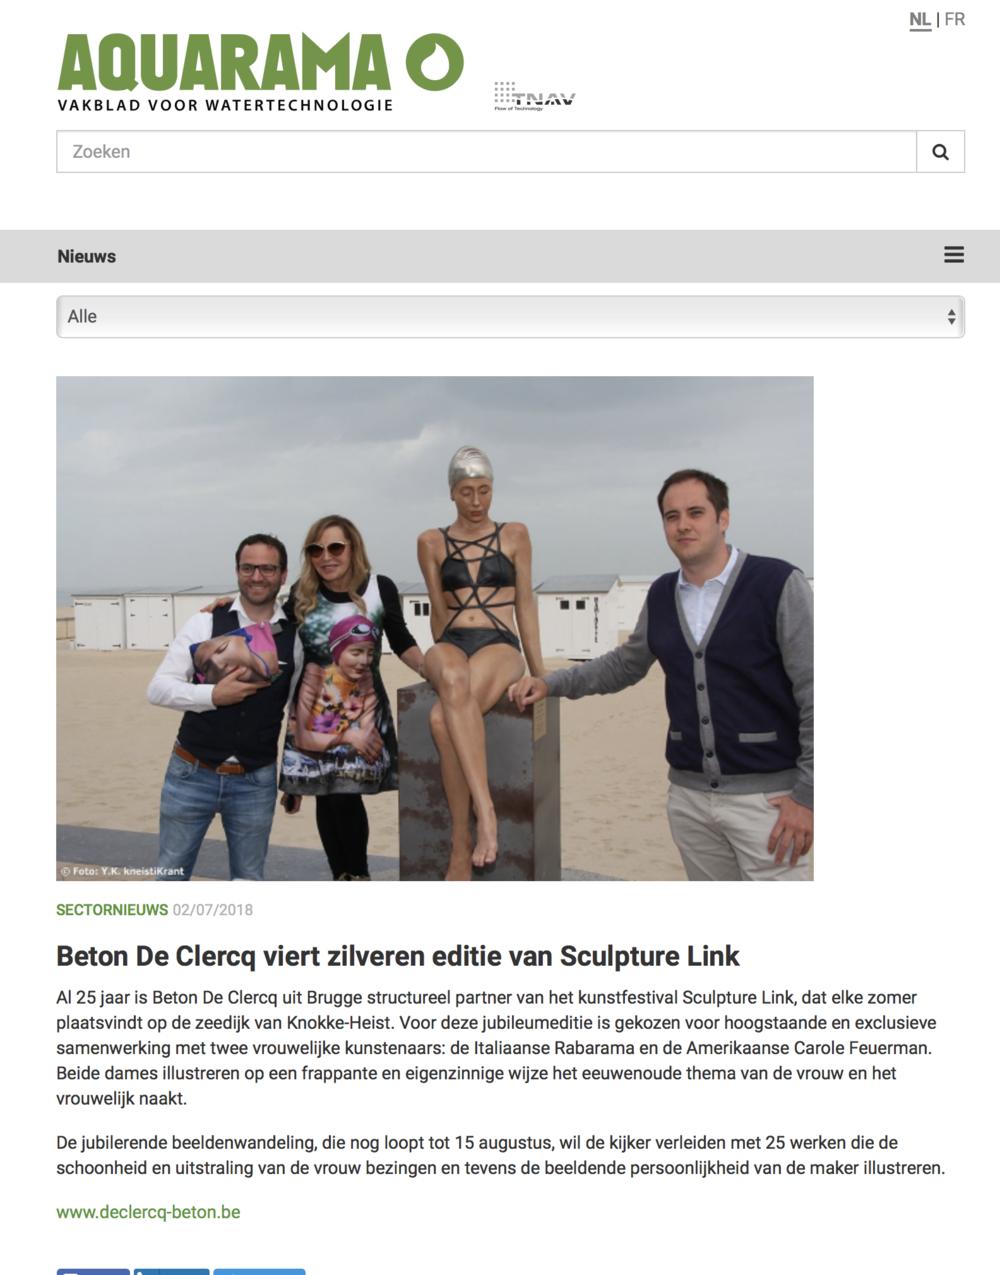 Beton De Clercq viert zilveren editie van Sculpture Link